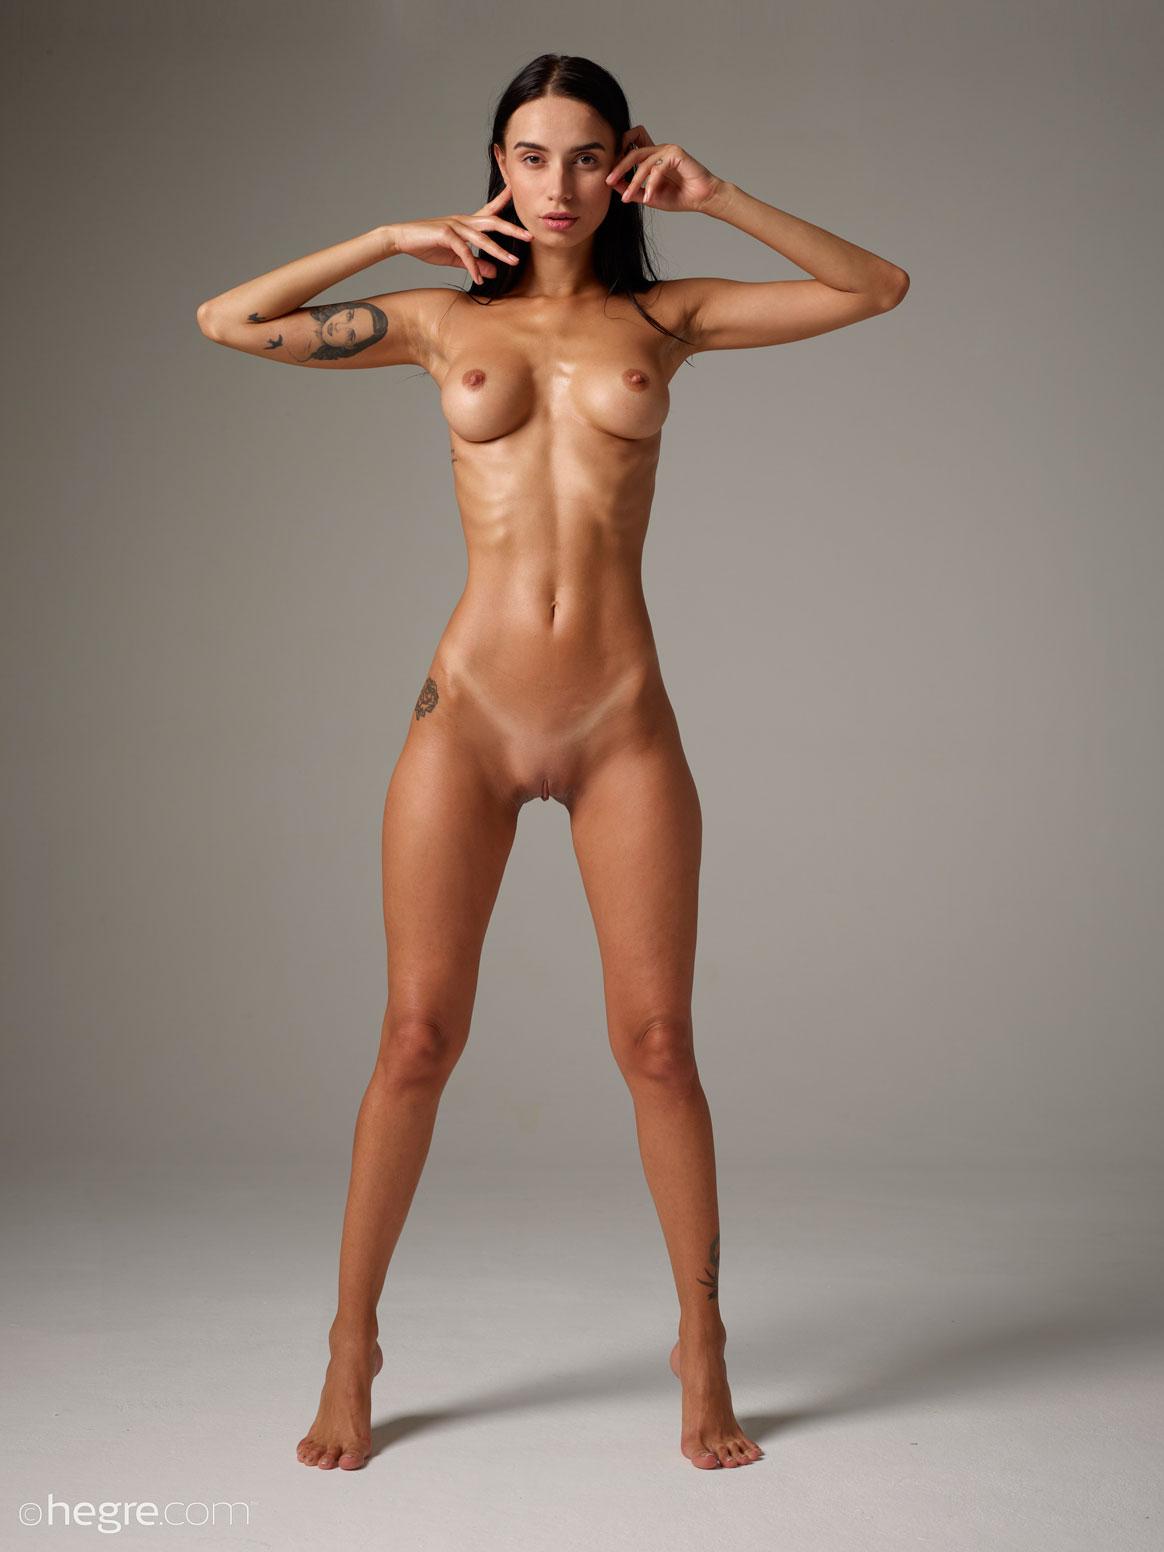 Fit Nudes